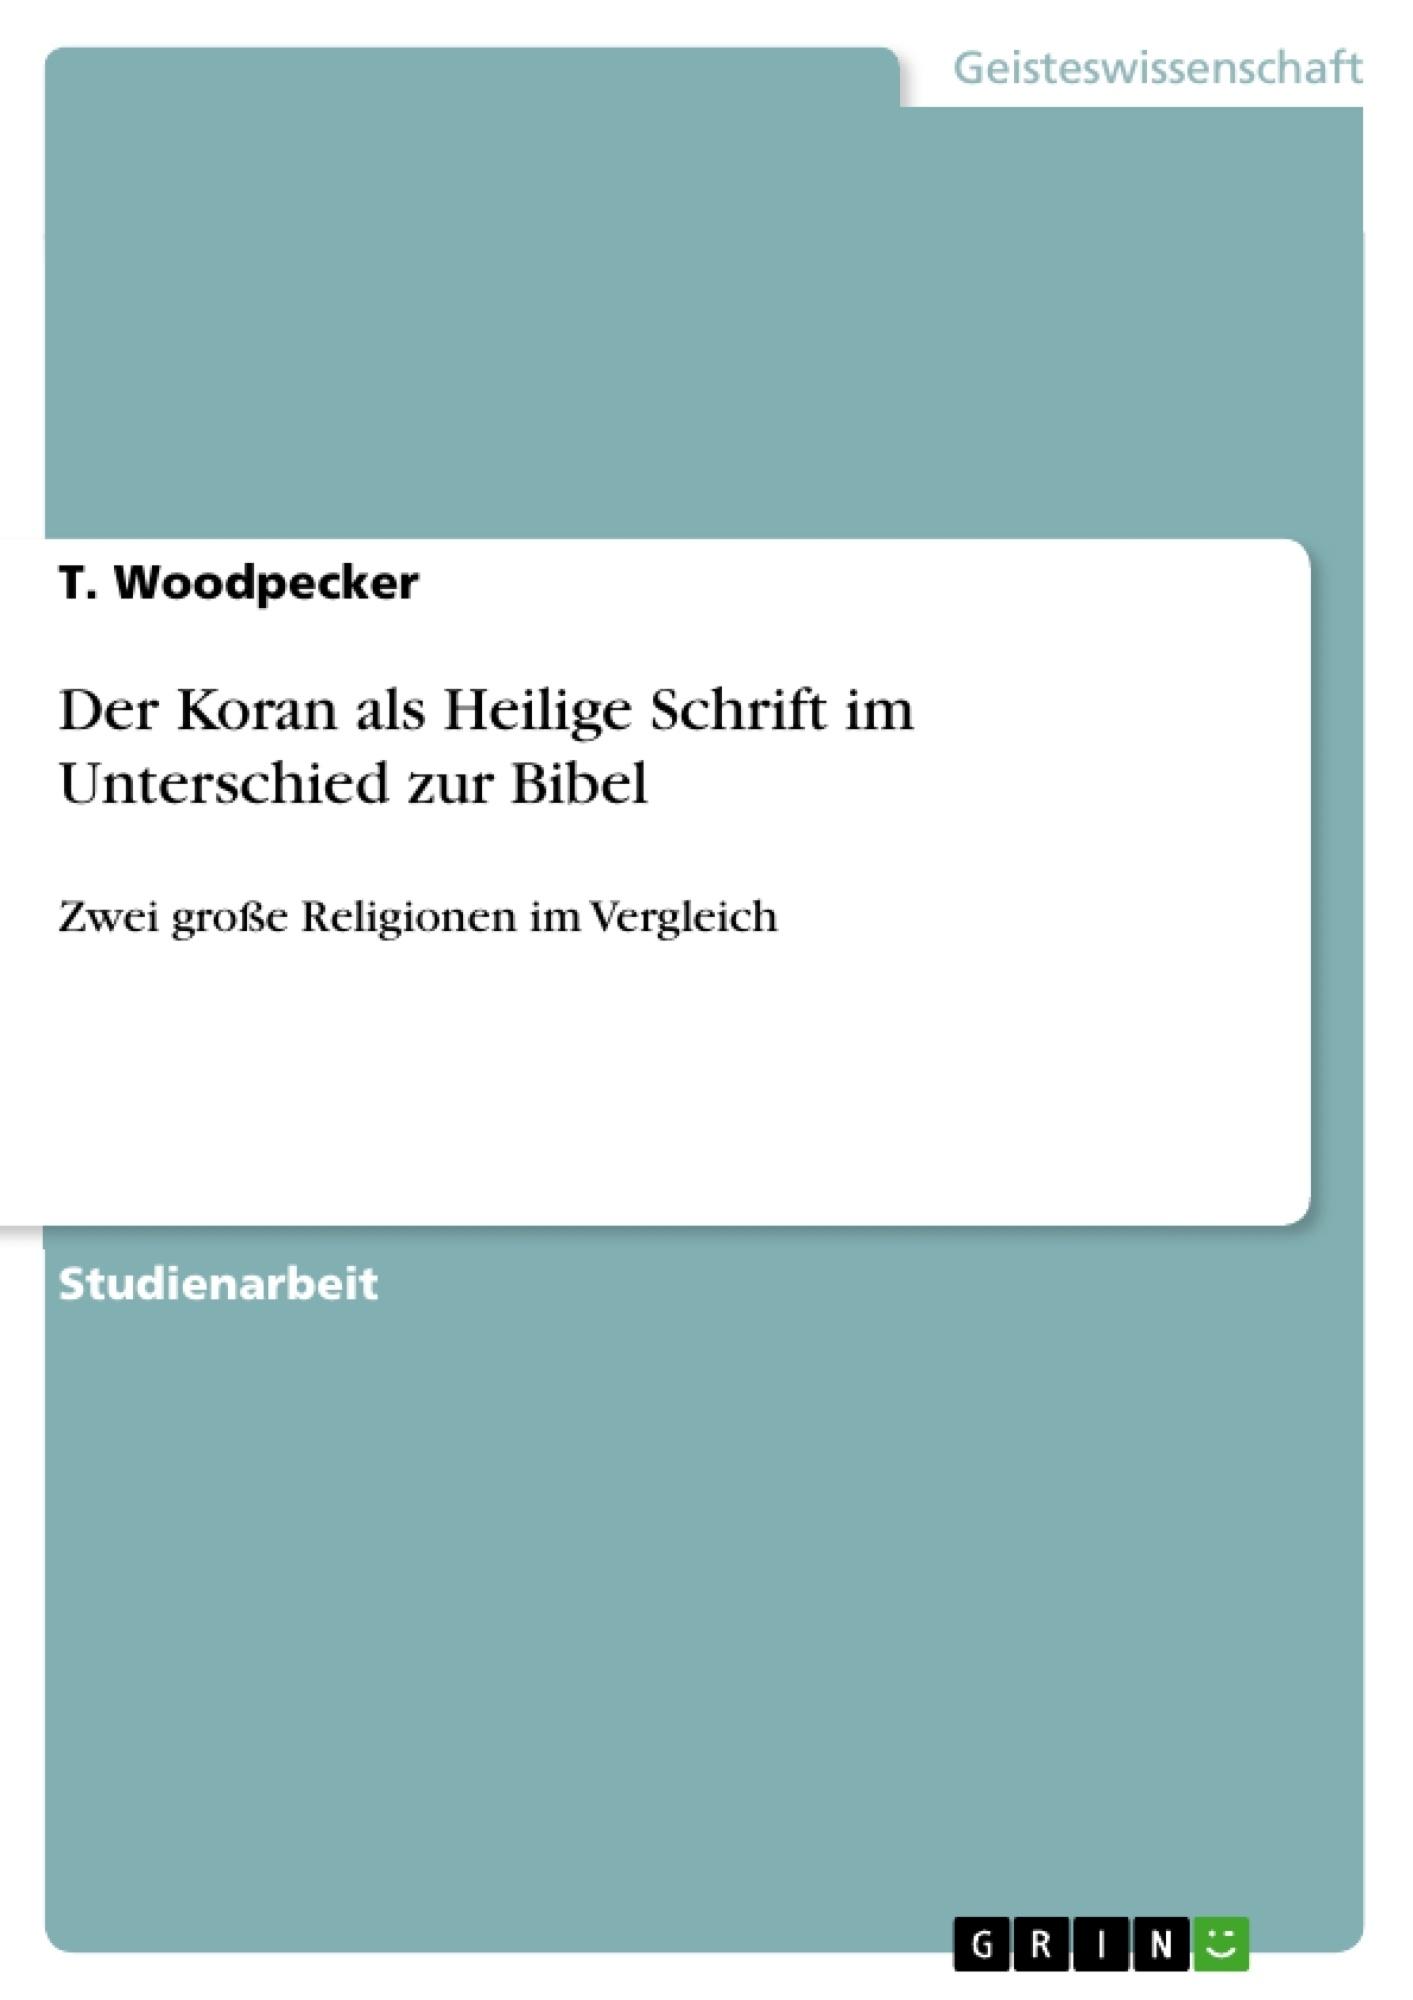 Titel: Der Koran als Heilige Schrift im Unterschied zur Bibel